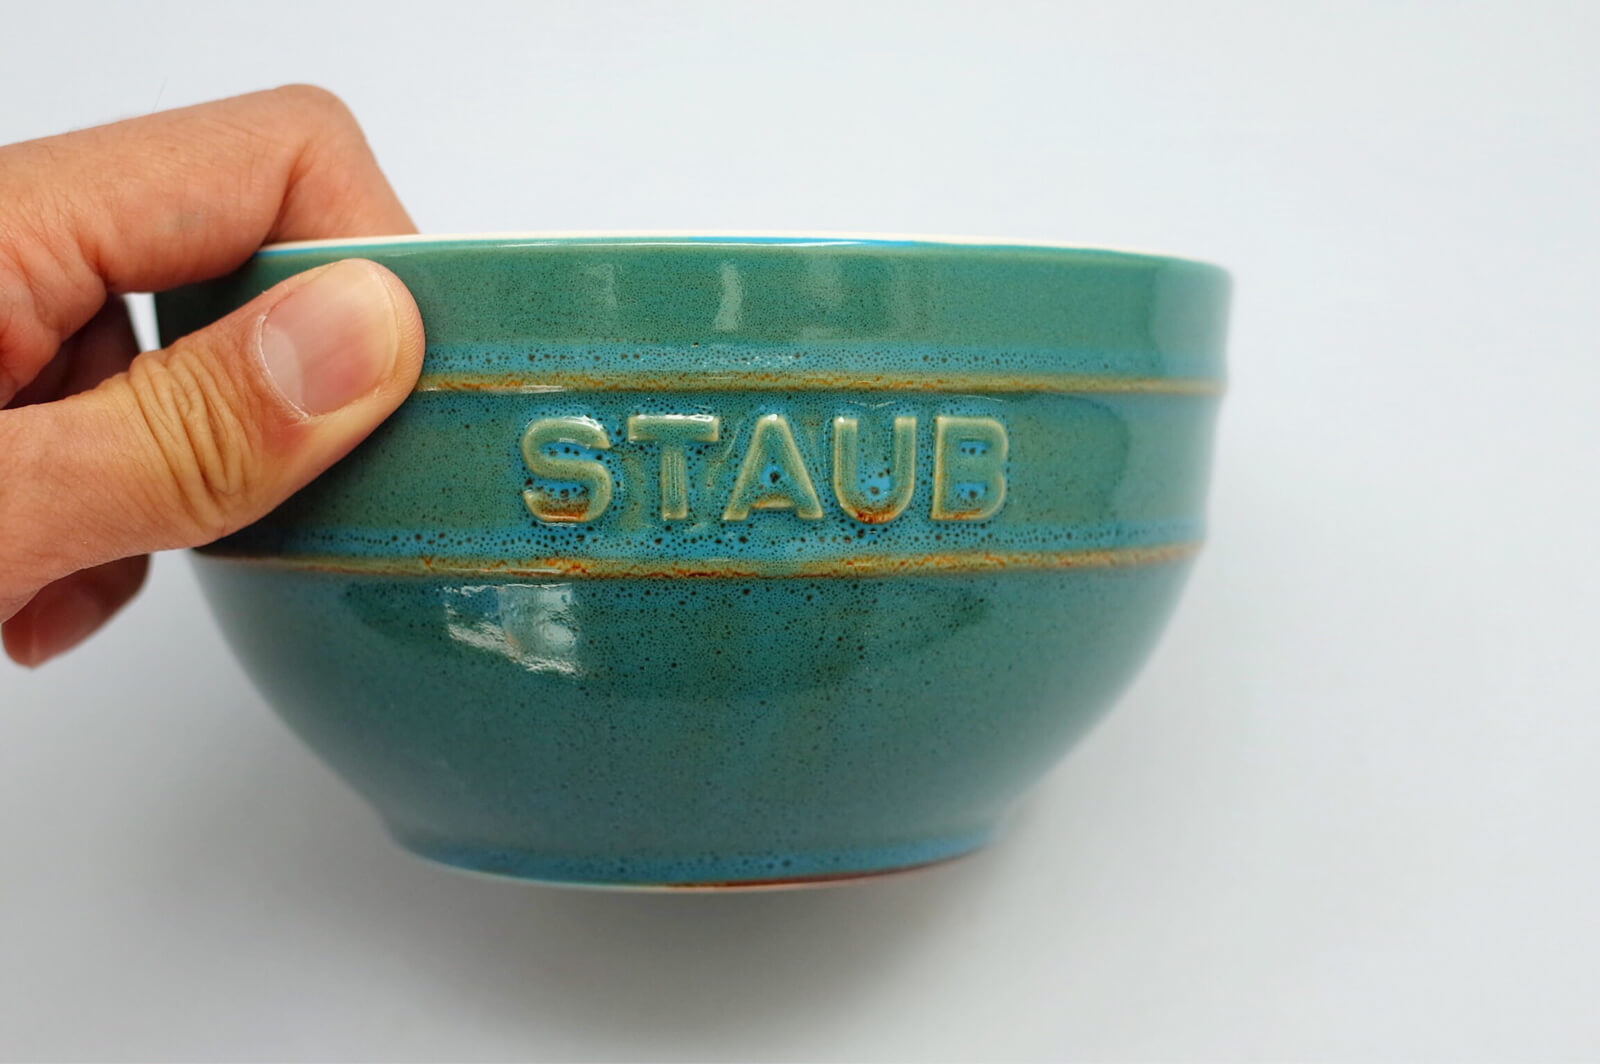 staub セラミック ボウル 14cm ターコイズ